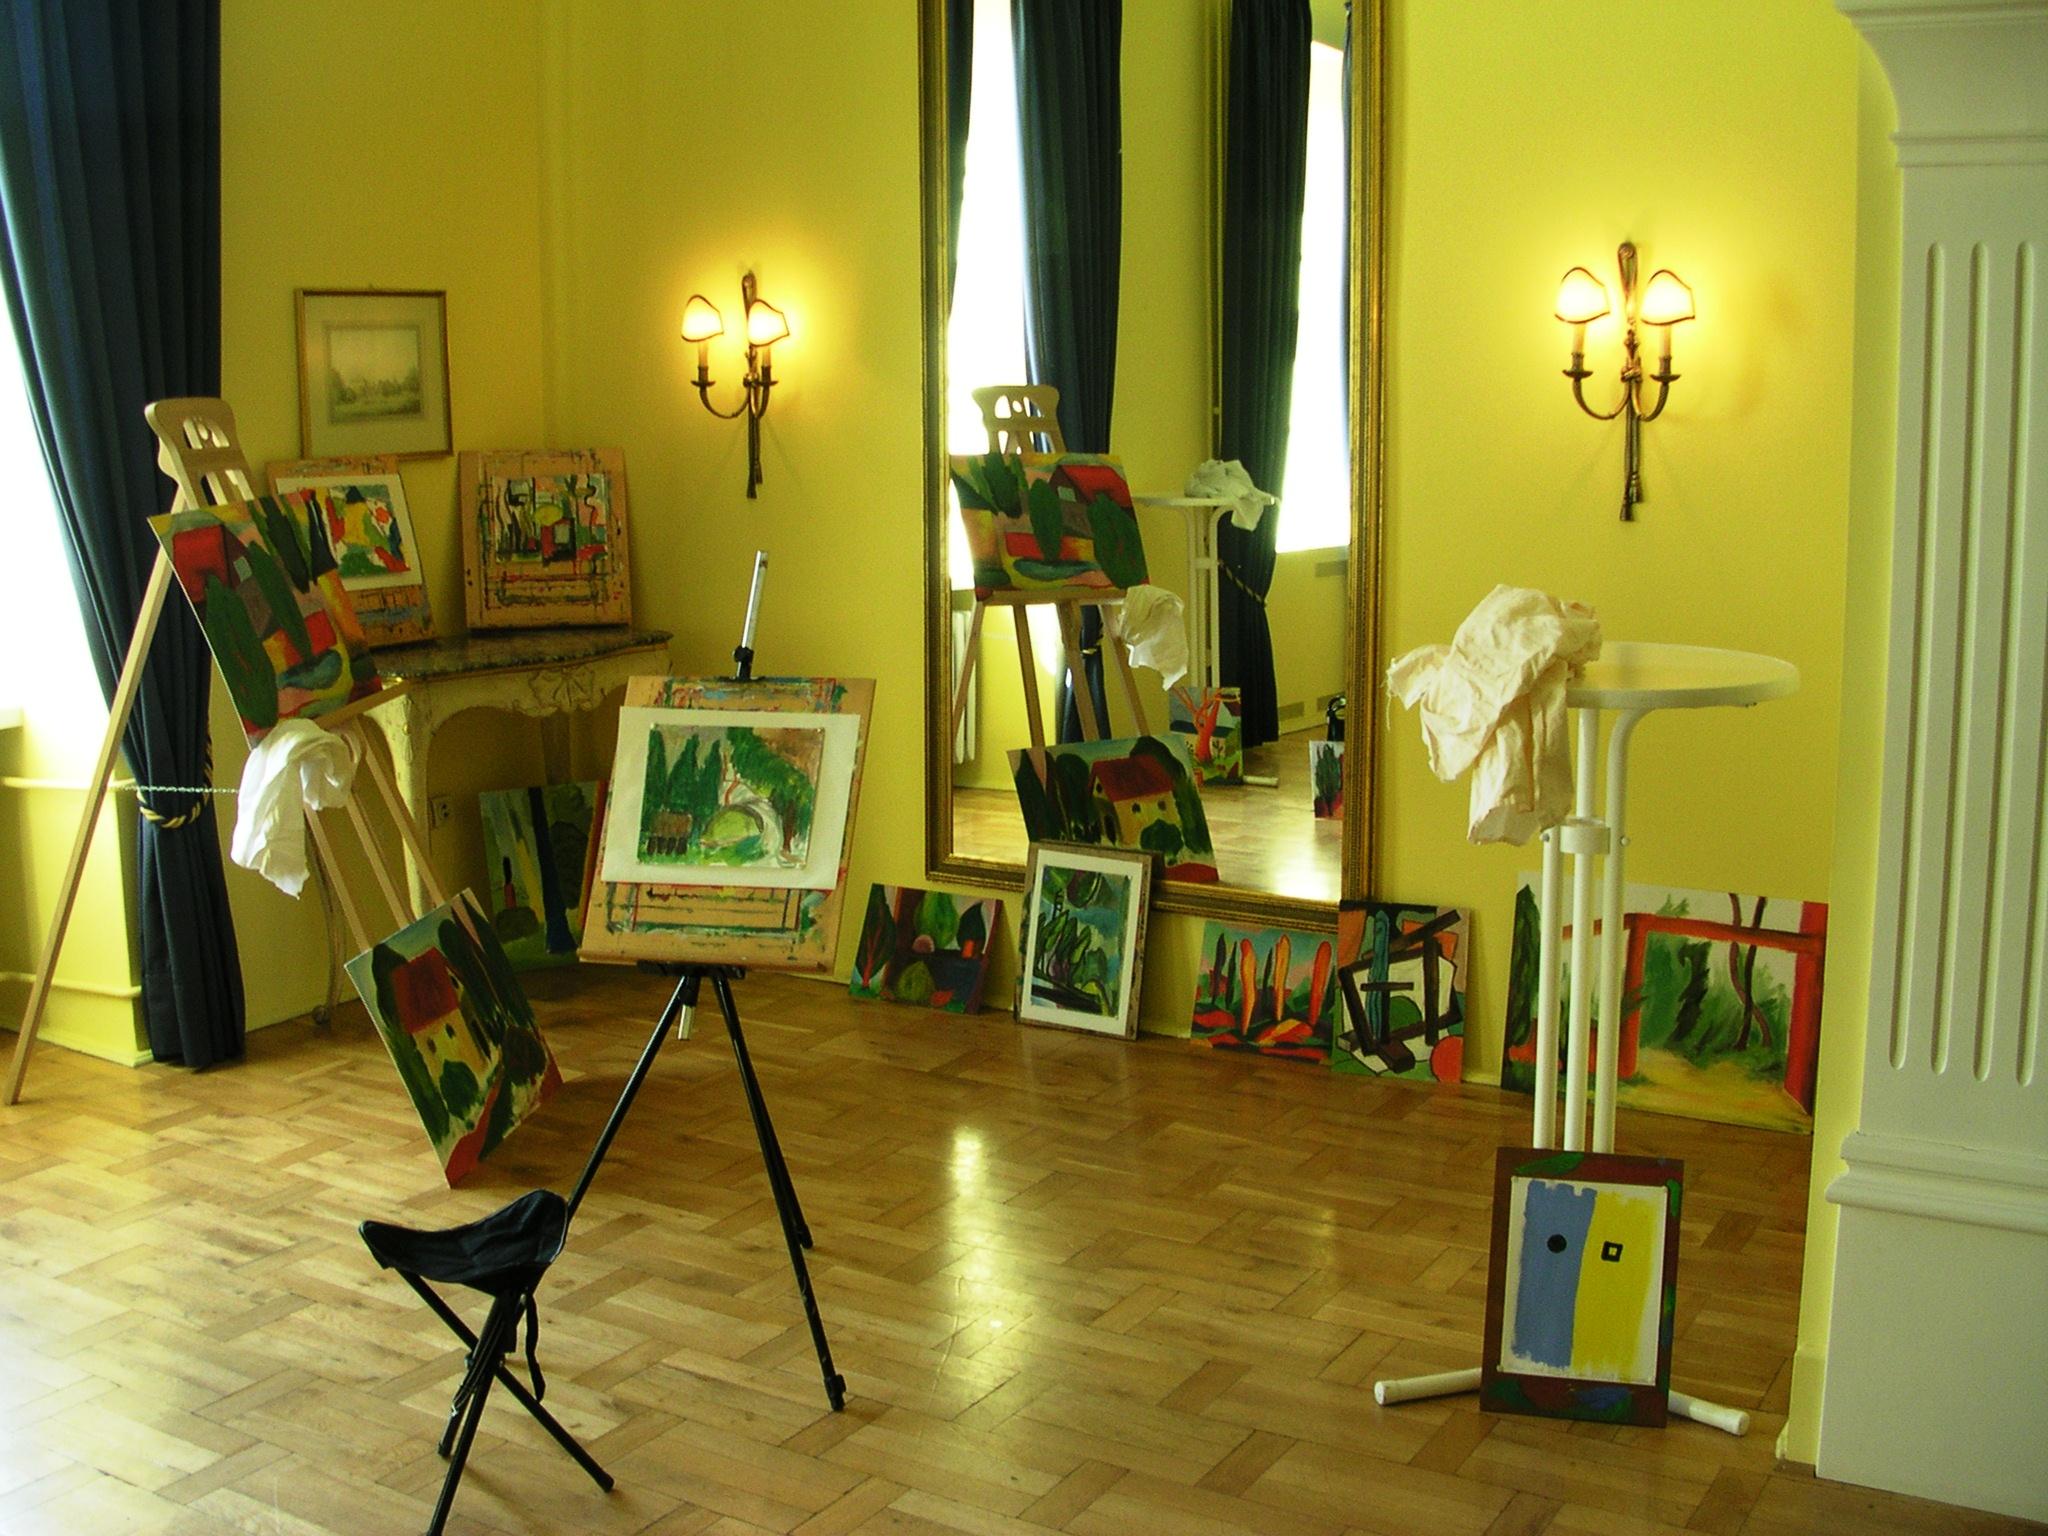 Spreewald erleben - Veranstaltungen Spreewald - Schlosshotel Brandenburg - Schloss Lübbenau im Spreewald